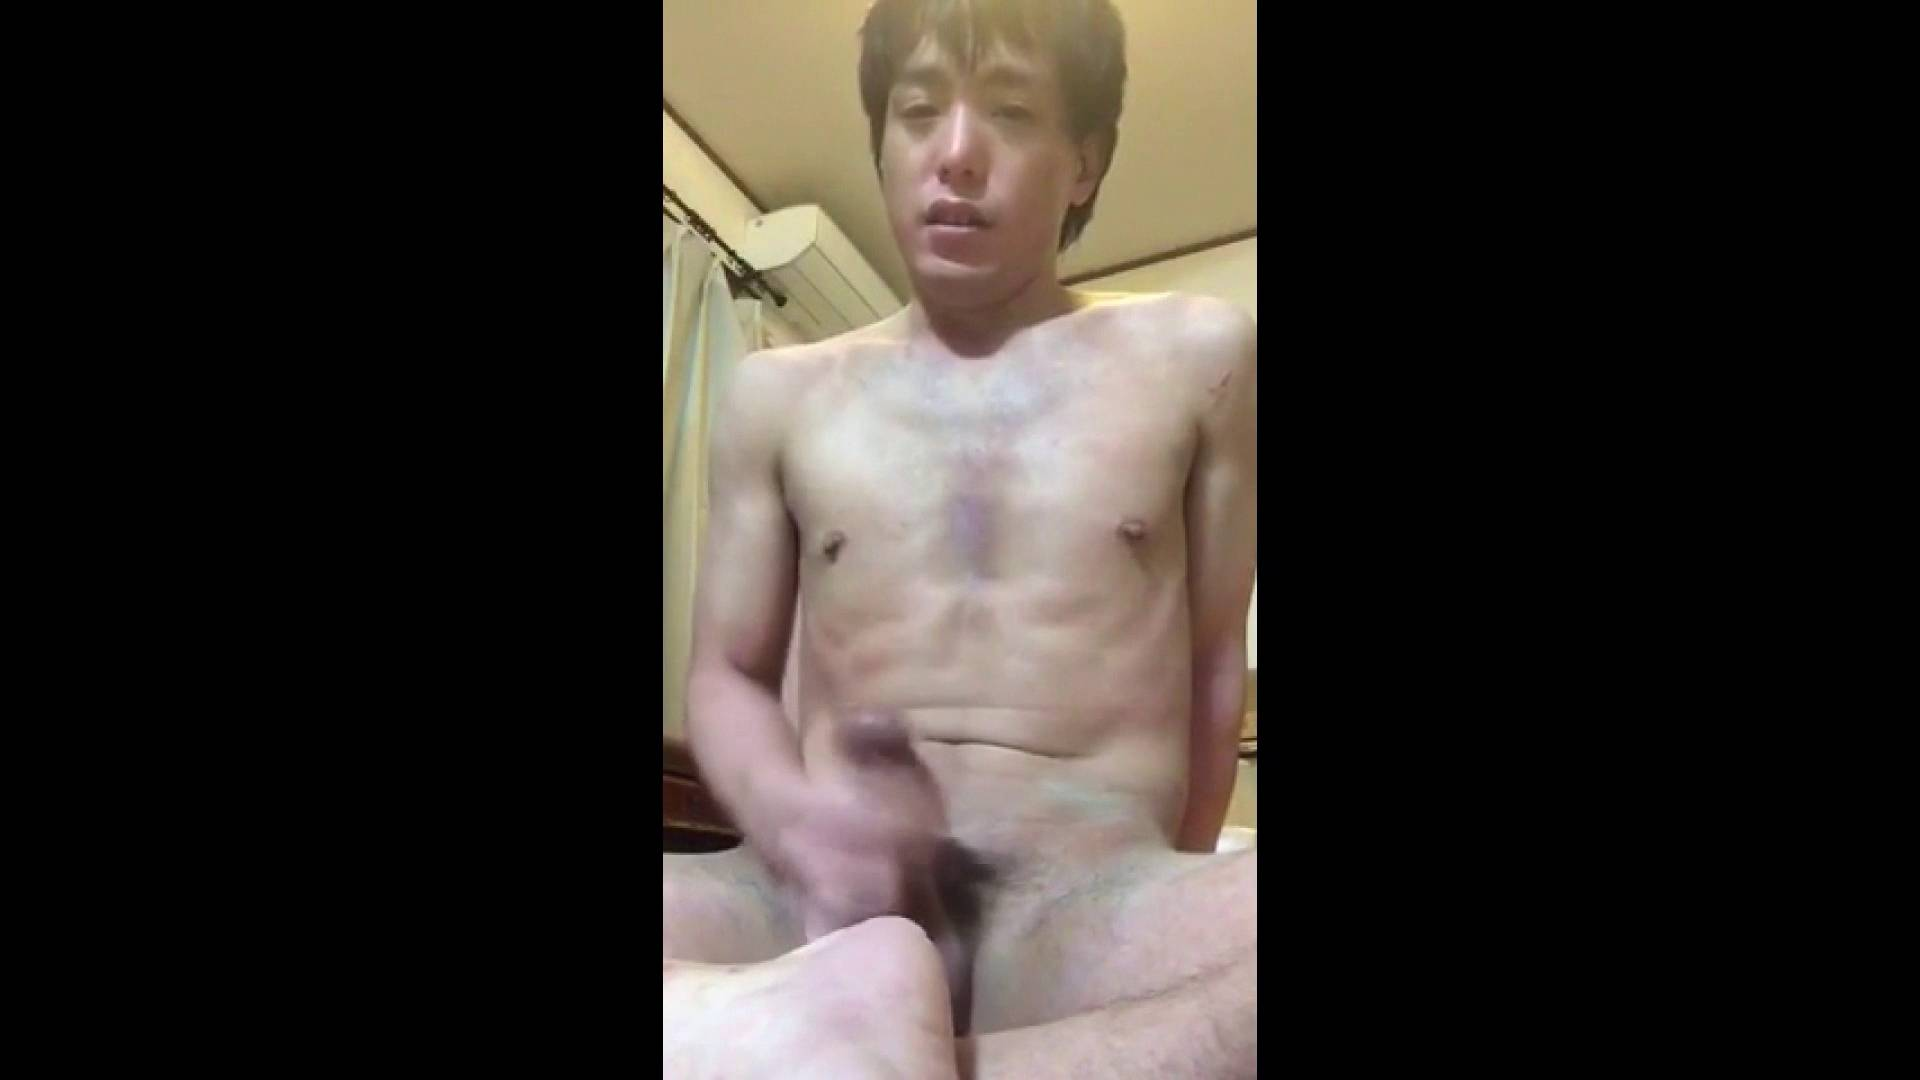 個人撮影 自慰の極意 Vol.30 個人撮影 ゲイエロ動画 78pic 55